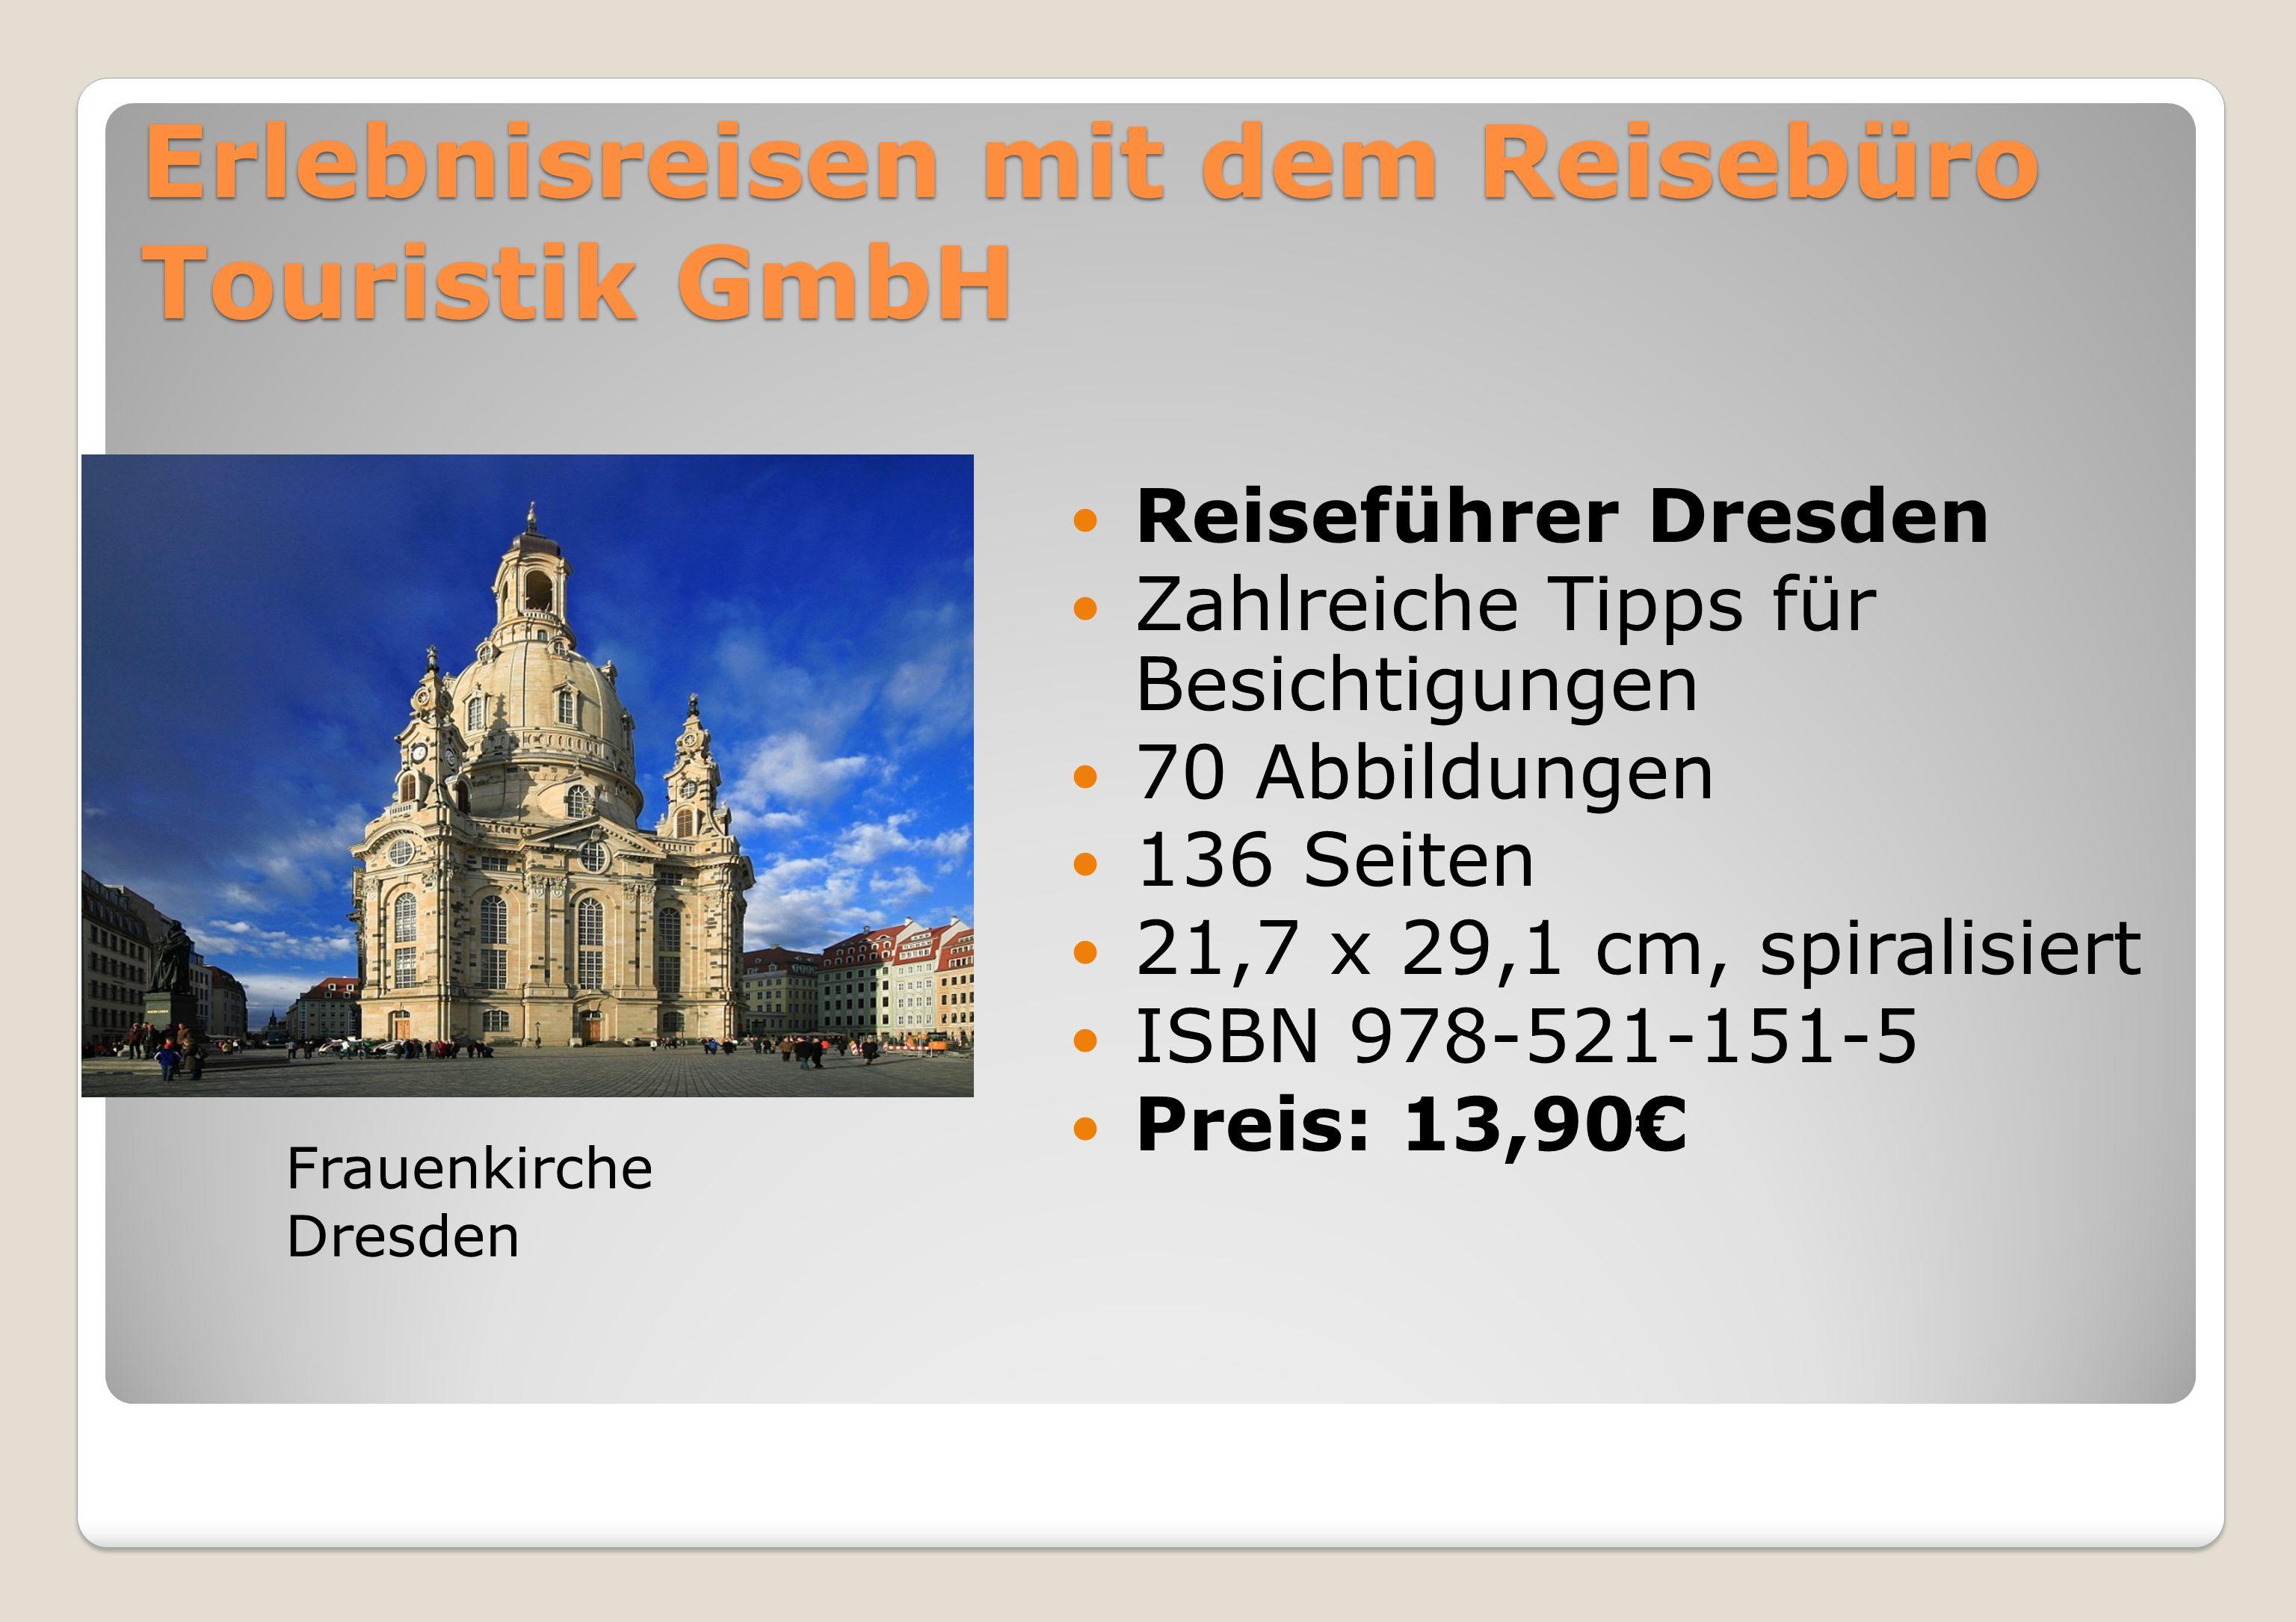 Erlebnisreisen mit dem Reisebüro Touristik GmbH Reiseführer Dresden Zahlreiche Tipps für Besichtigungen 70 Abbildungen 136 Seiten 21,7 x 29,1 cm, spiralisiert ISBN 978-521-151-5 Preis: 13,90€ Frauenkirche Dresden